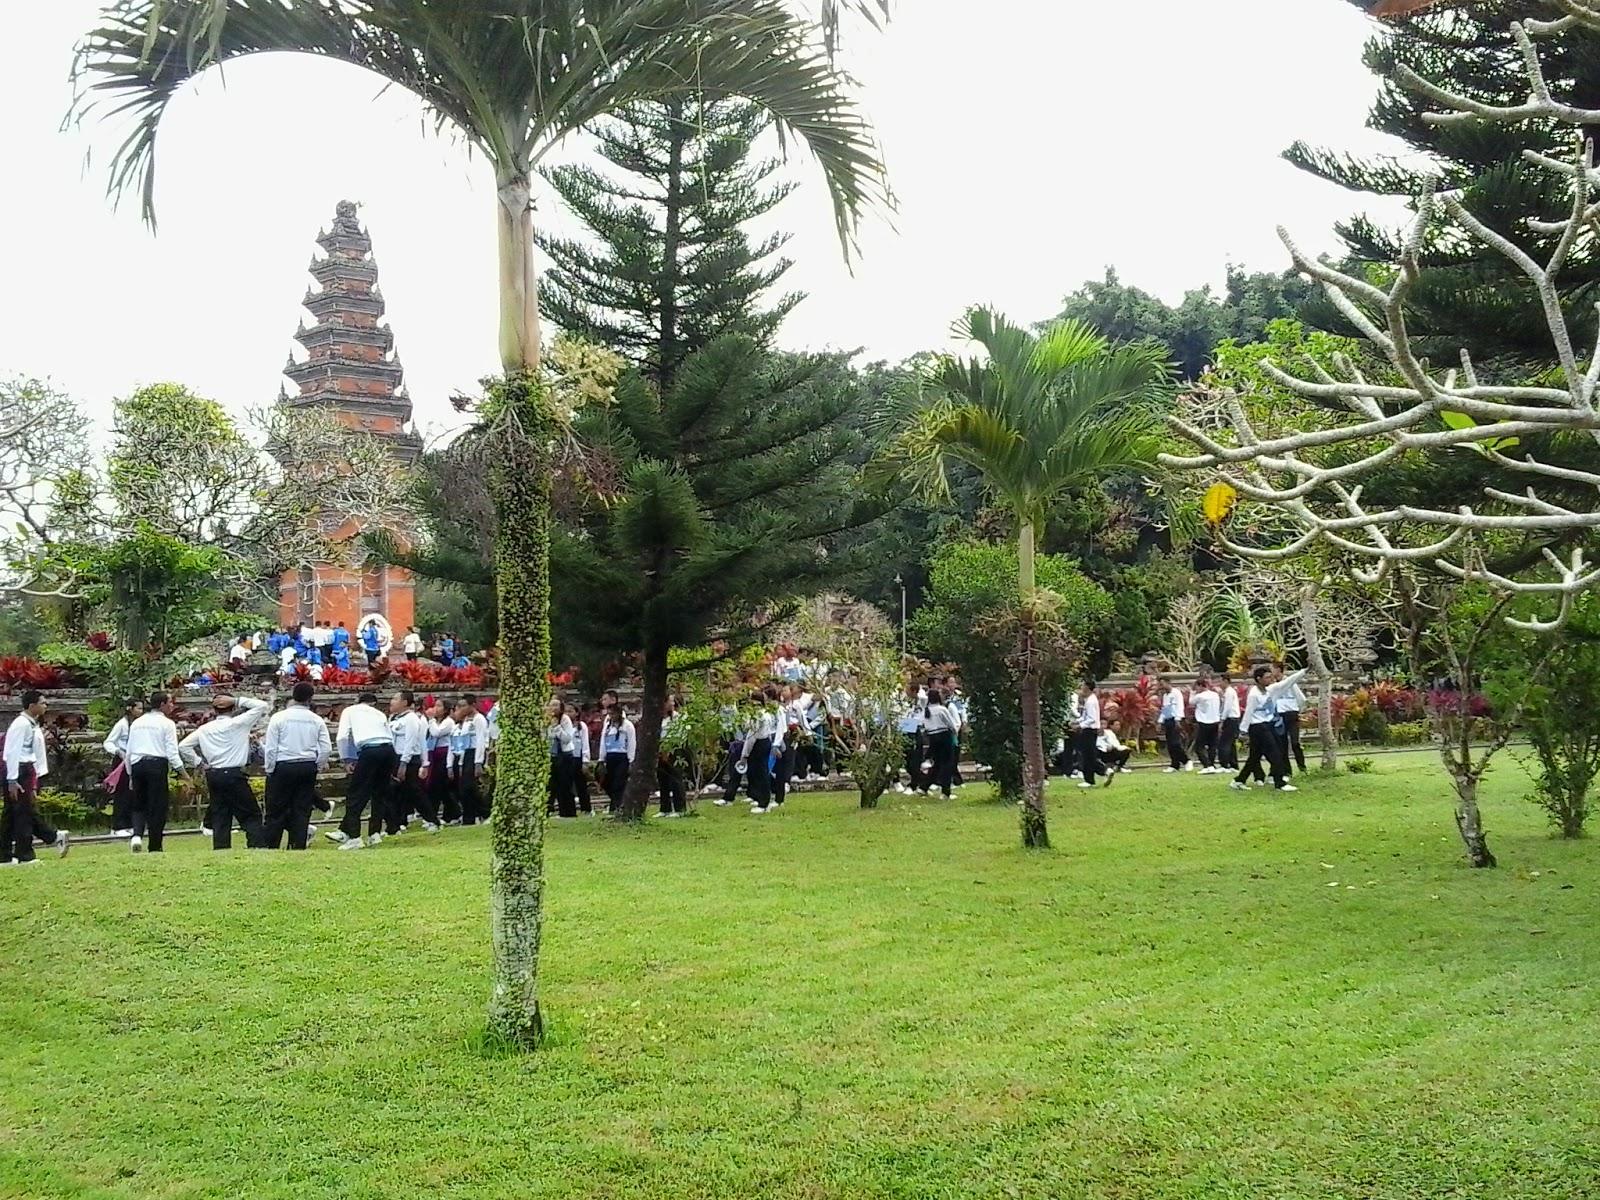 para siswa sembahyang dan menabur bunga di monumen I Gusti Ngurah Rai